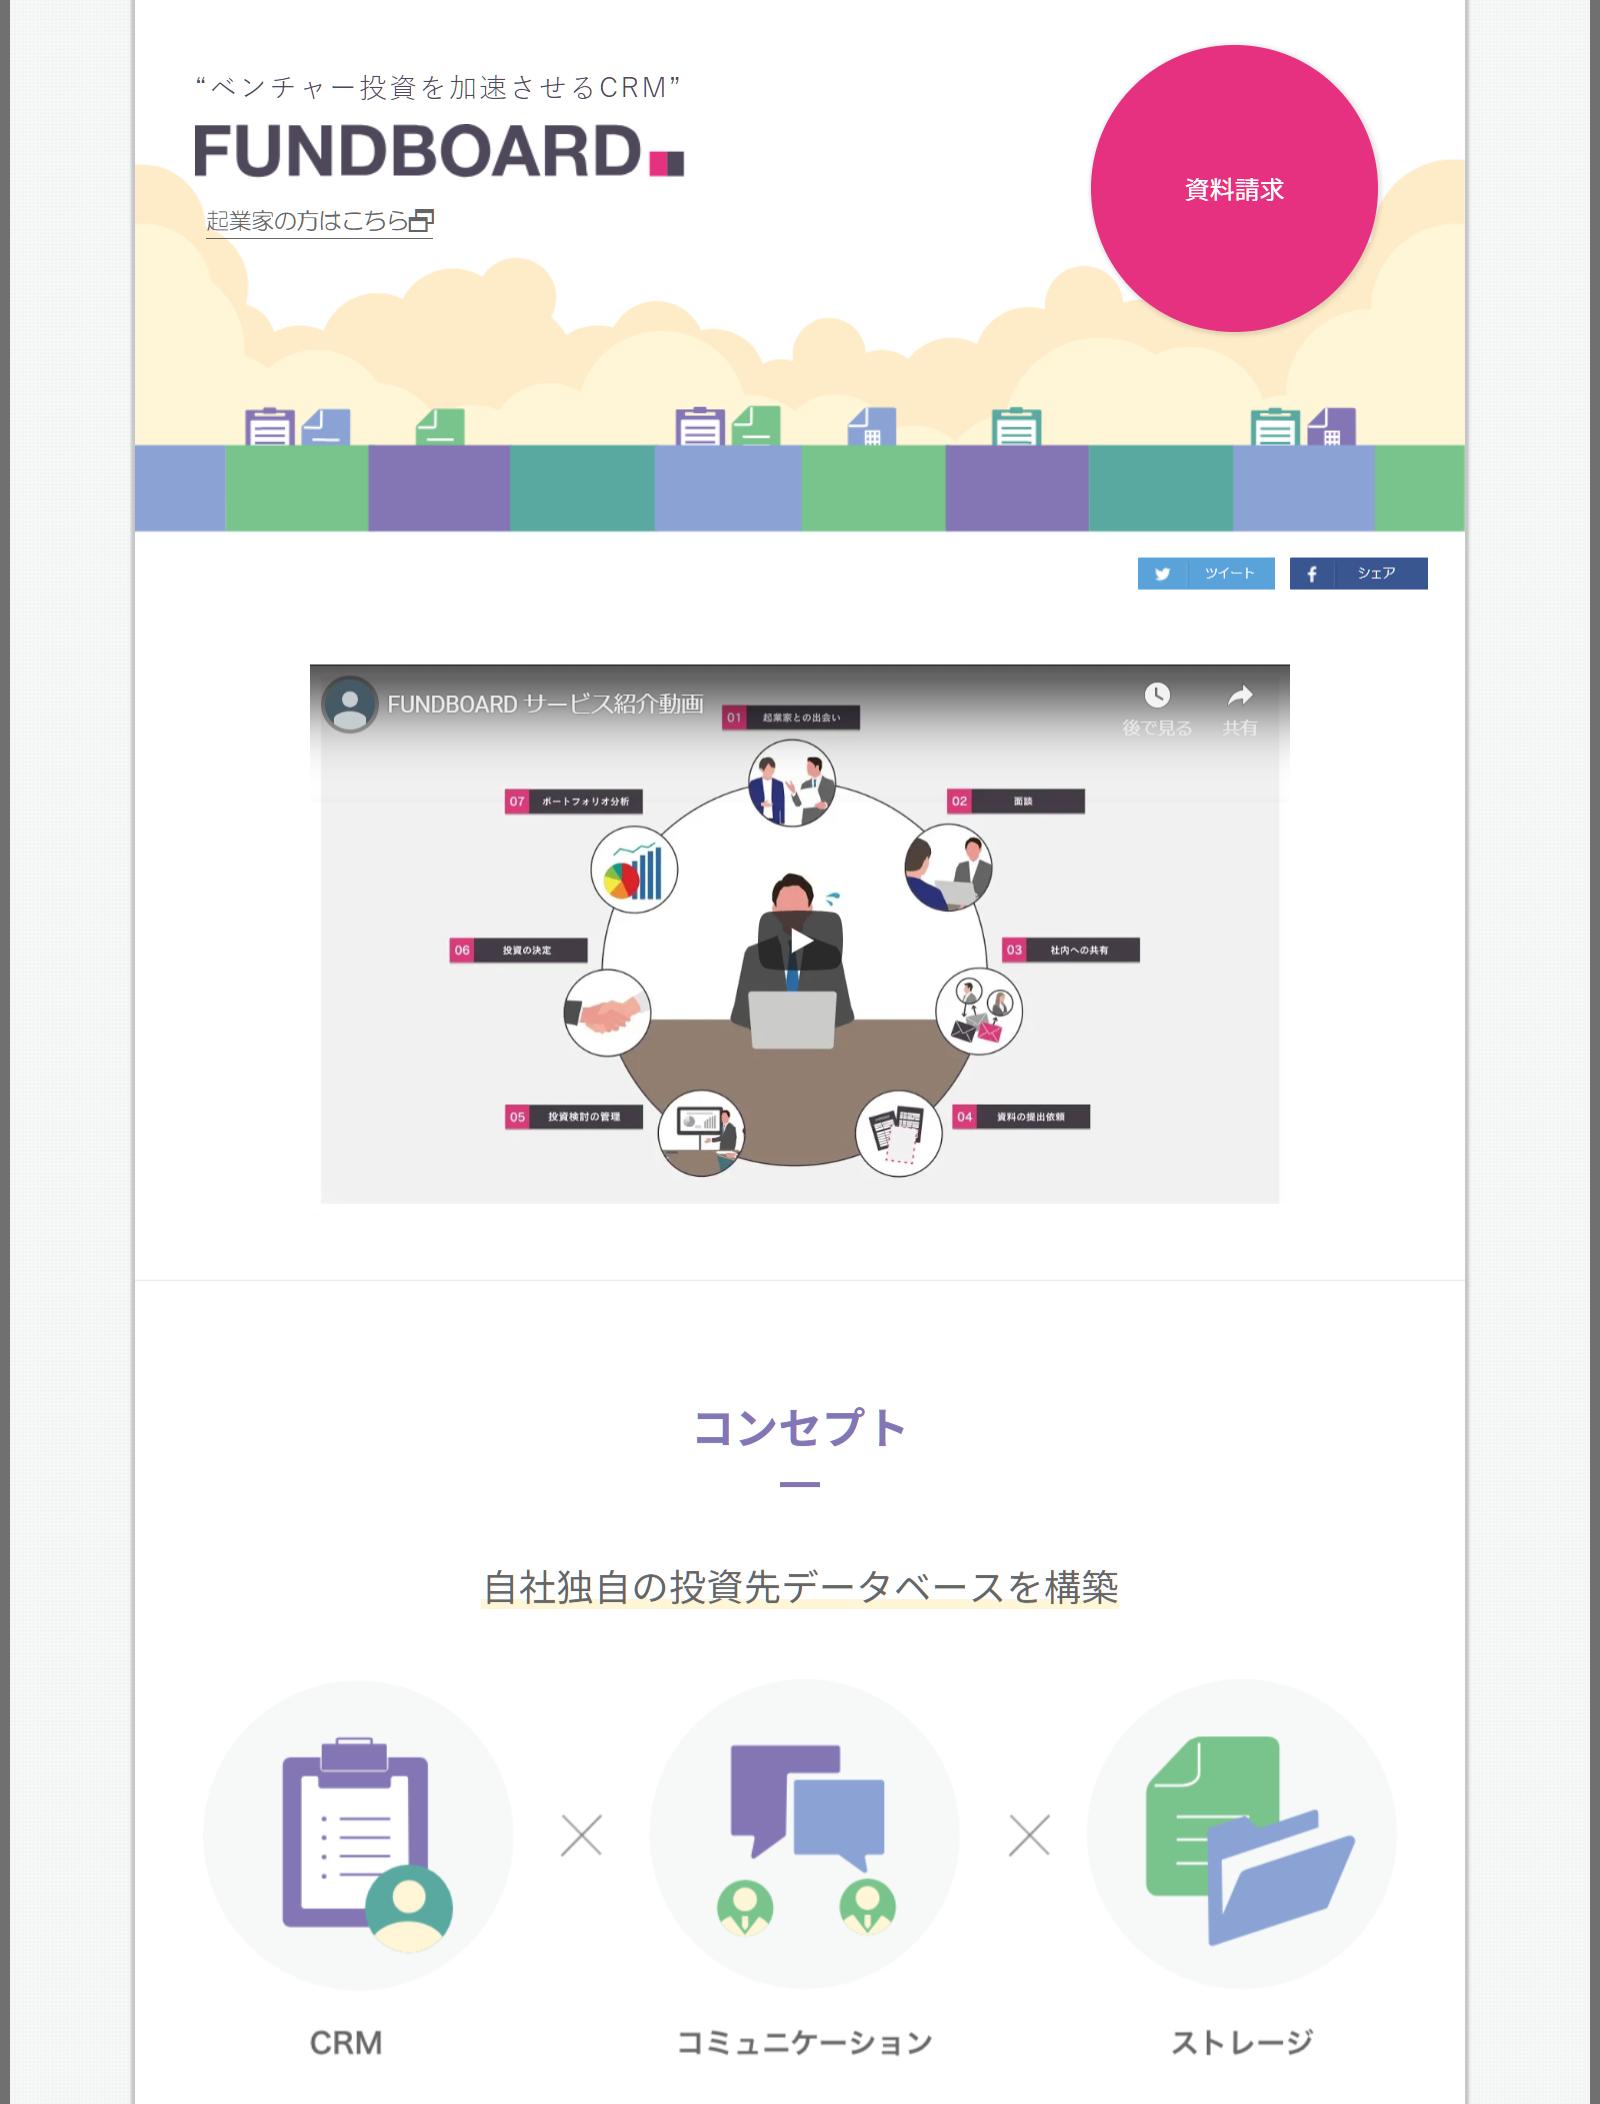 野村総合研究所が未上場株式管理ツール「FUNDBOARD」運営のケップルに8000万円出資